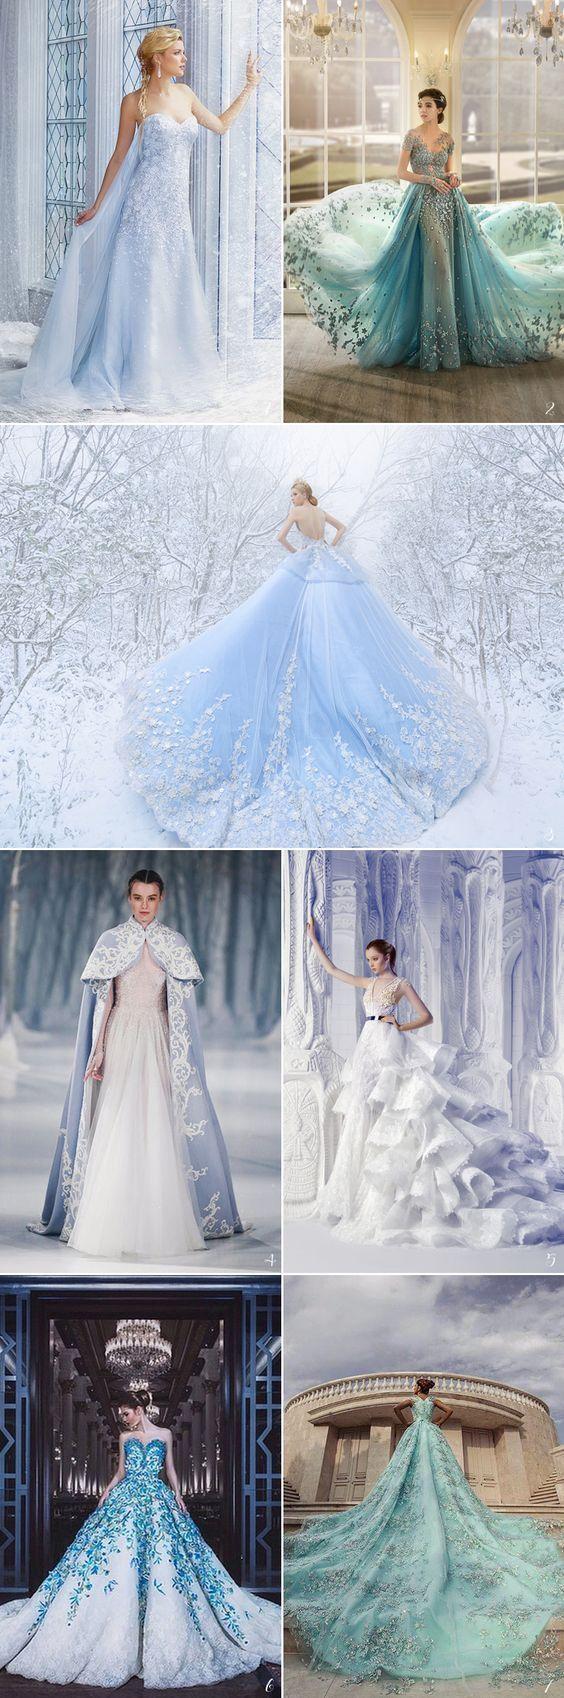 Hochzeit in Winterkleidung 15 besten Outfits